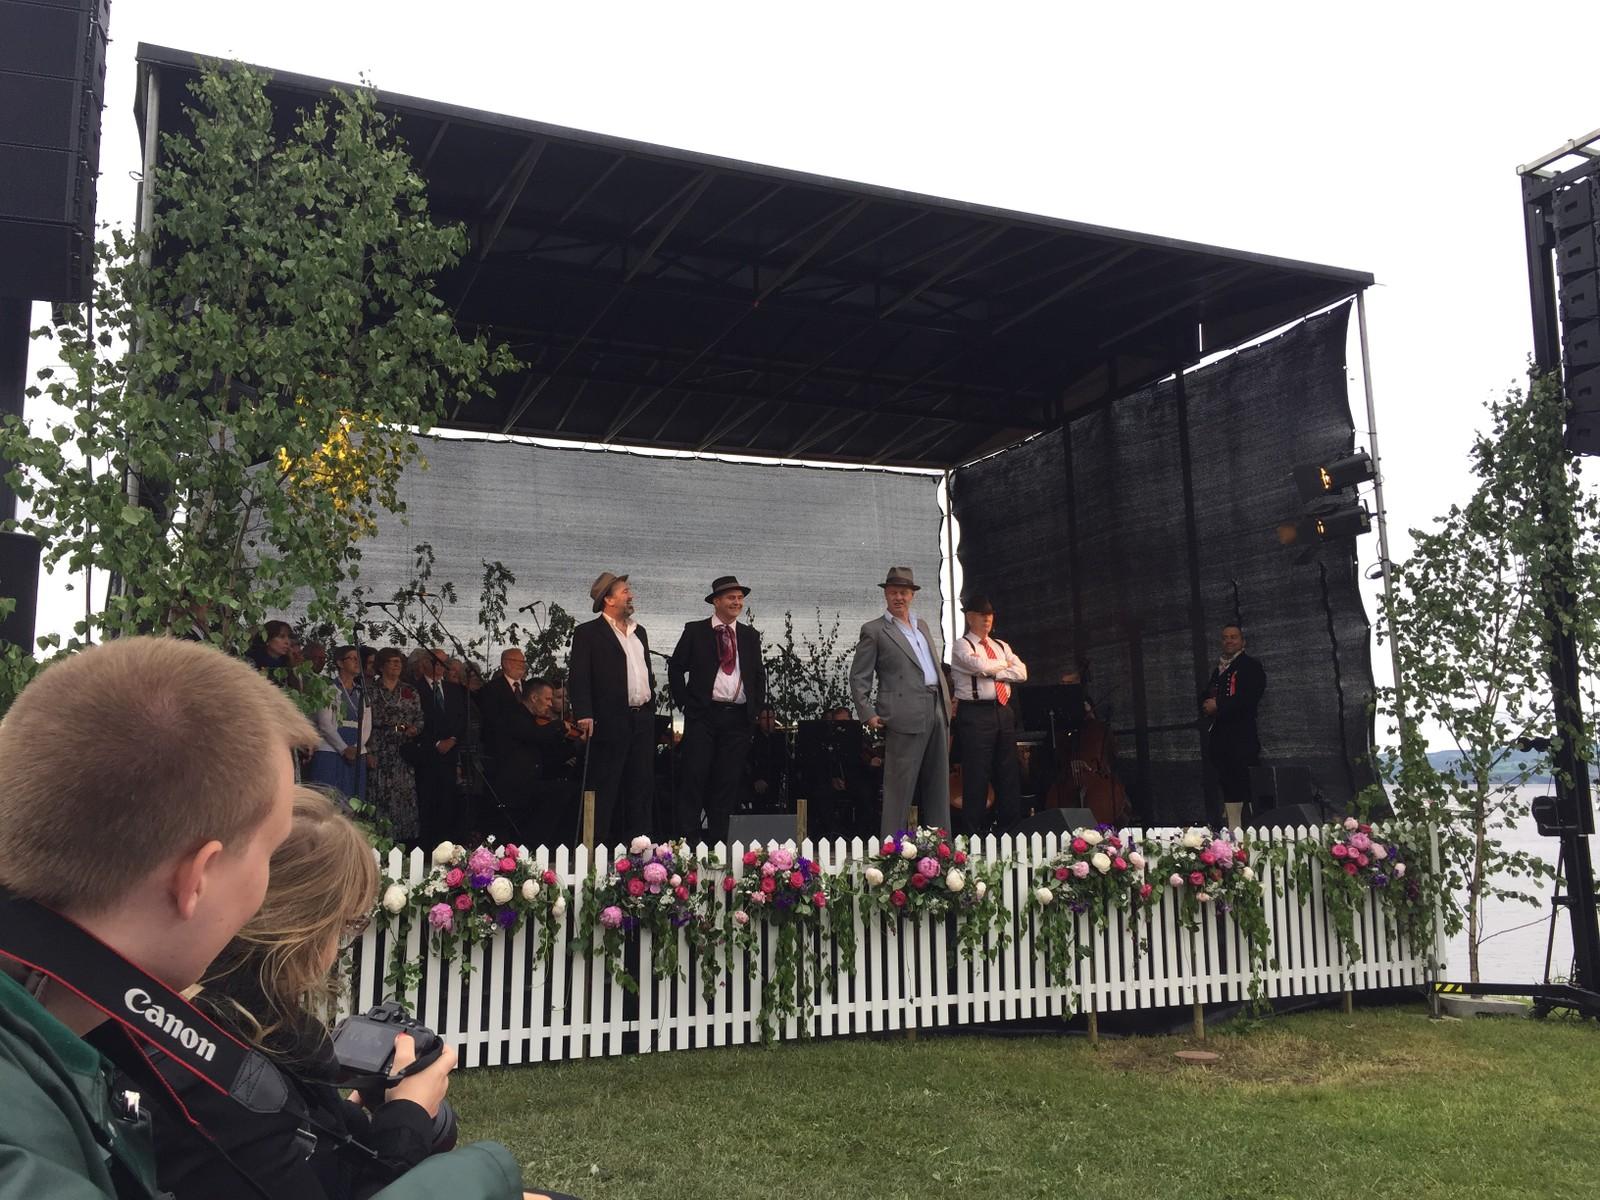 På Tingnes underholdt Snekkersvekara, og fylkesmann Sigbjørn Johnsen (med hvit skjorte og rødt slips) kastet seg opp på scenen og deltok i showet.